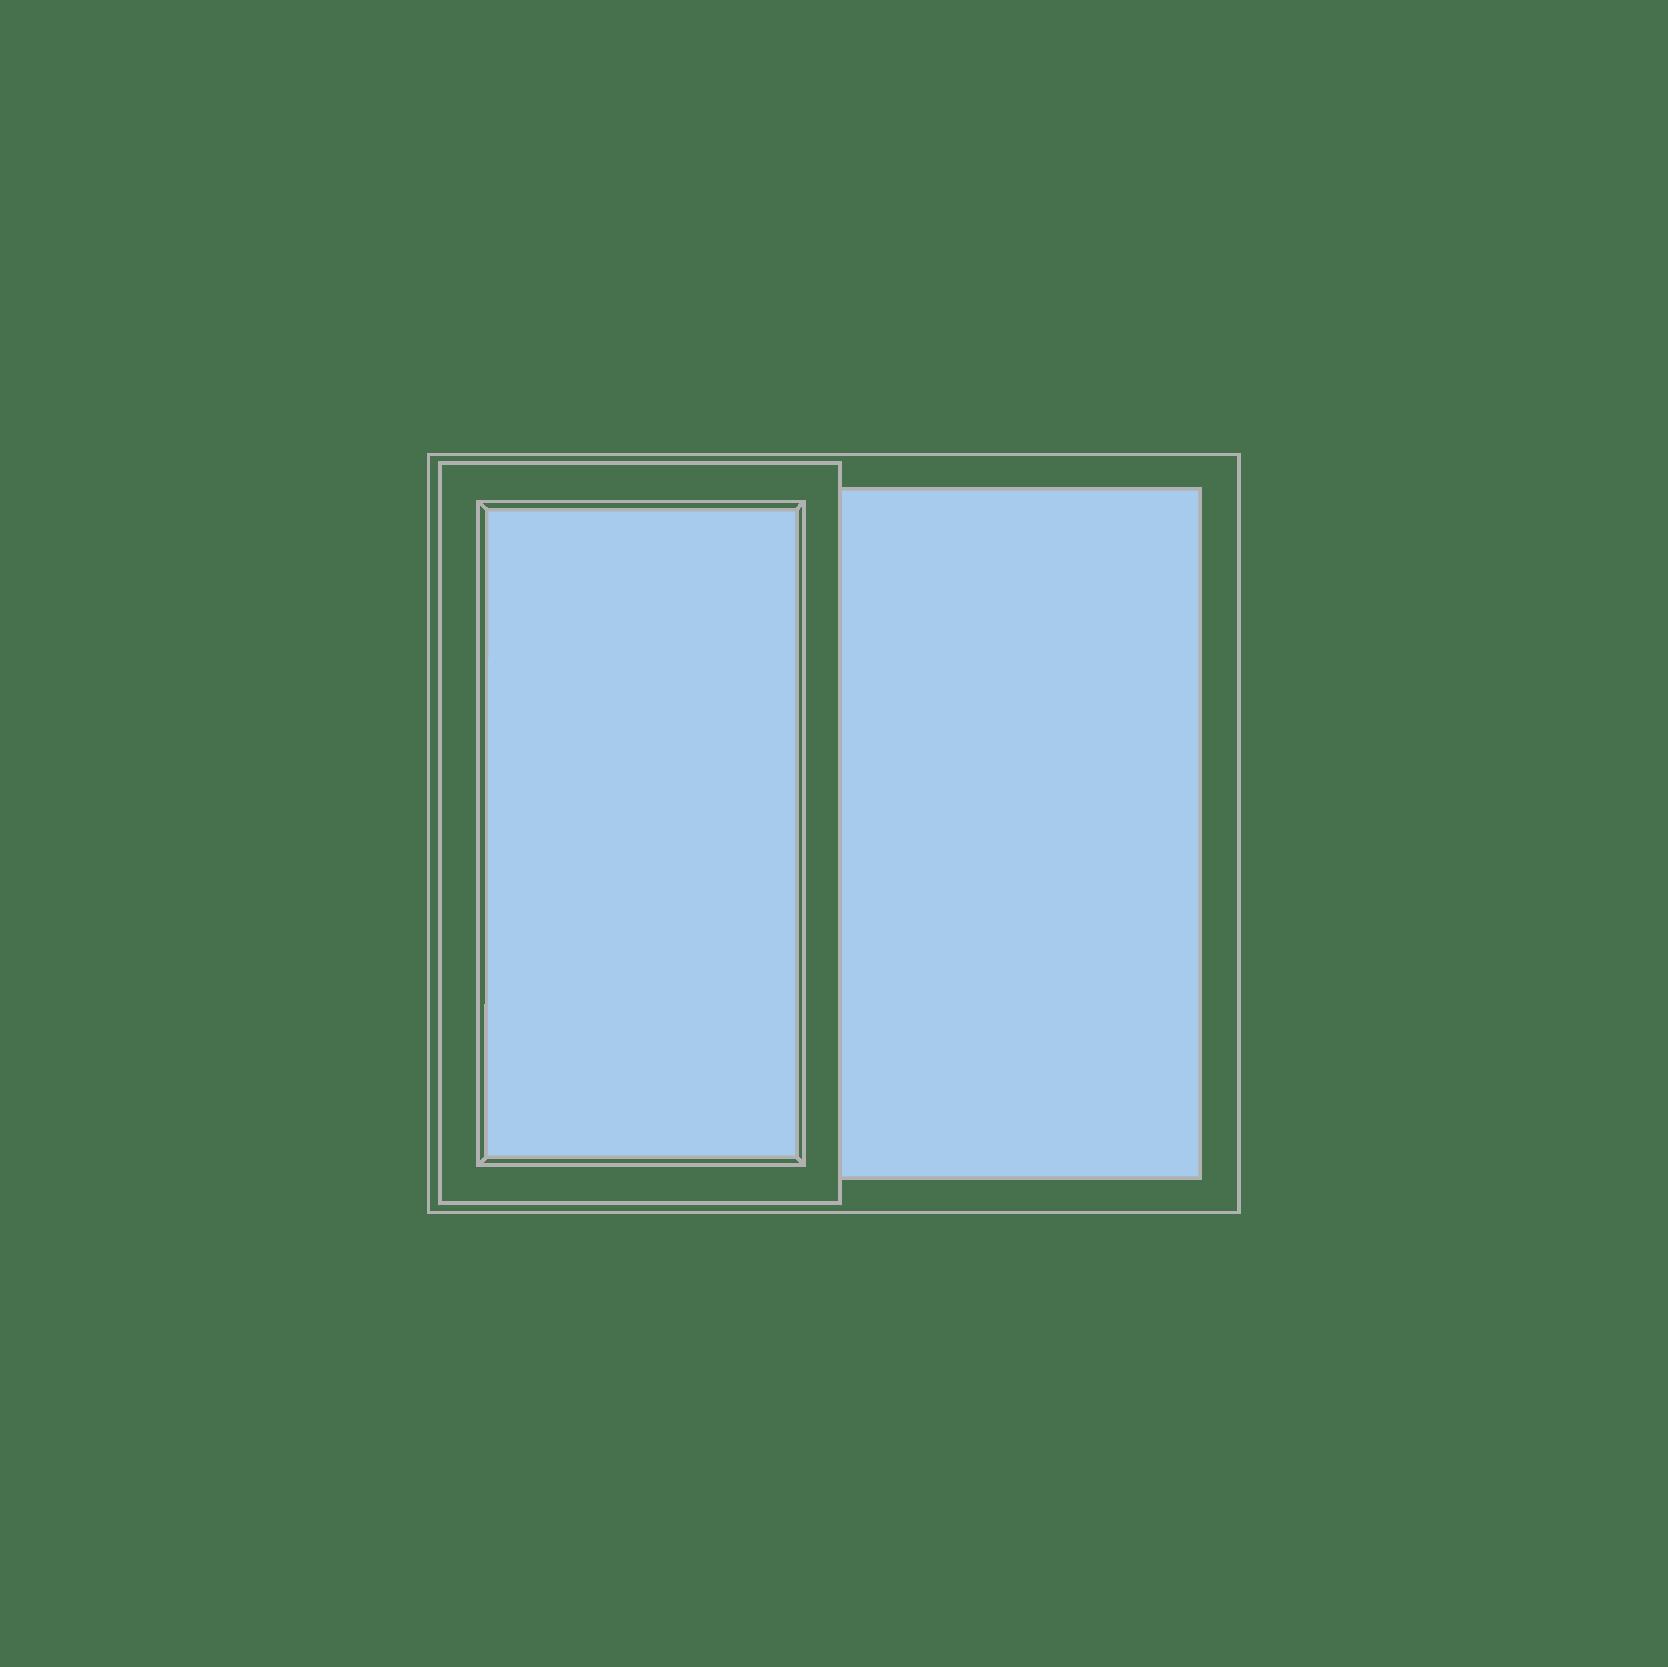 схема_Монтажная область 1